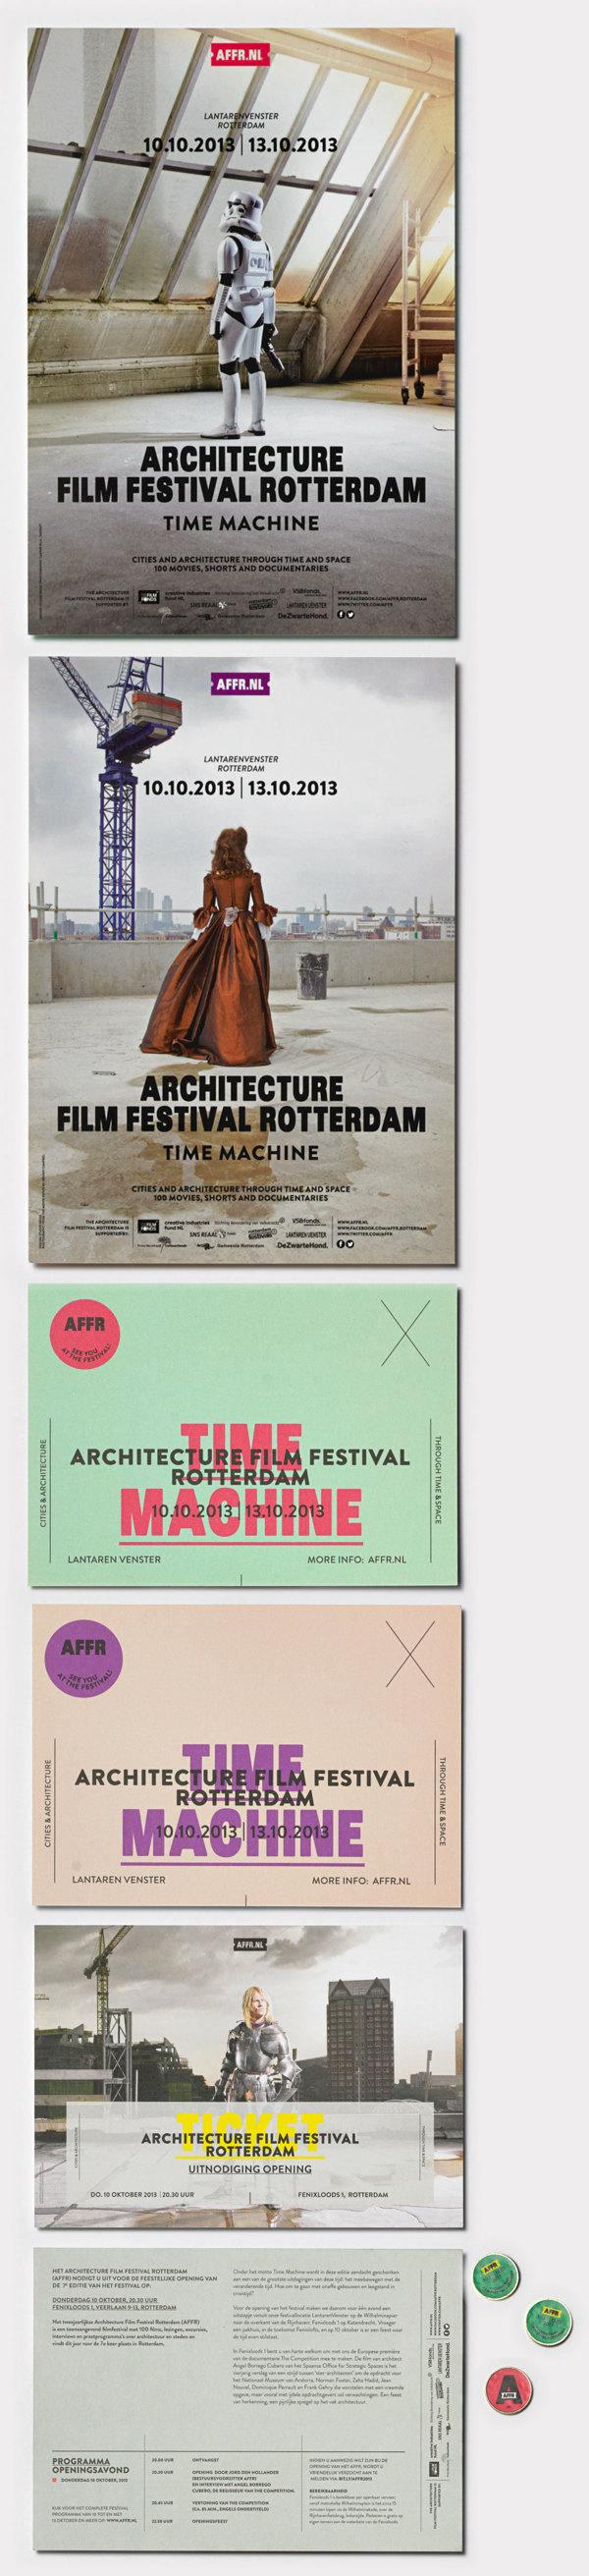 identyfikacja_festiwalu_filmoweg_1